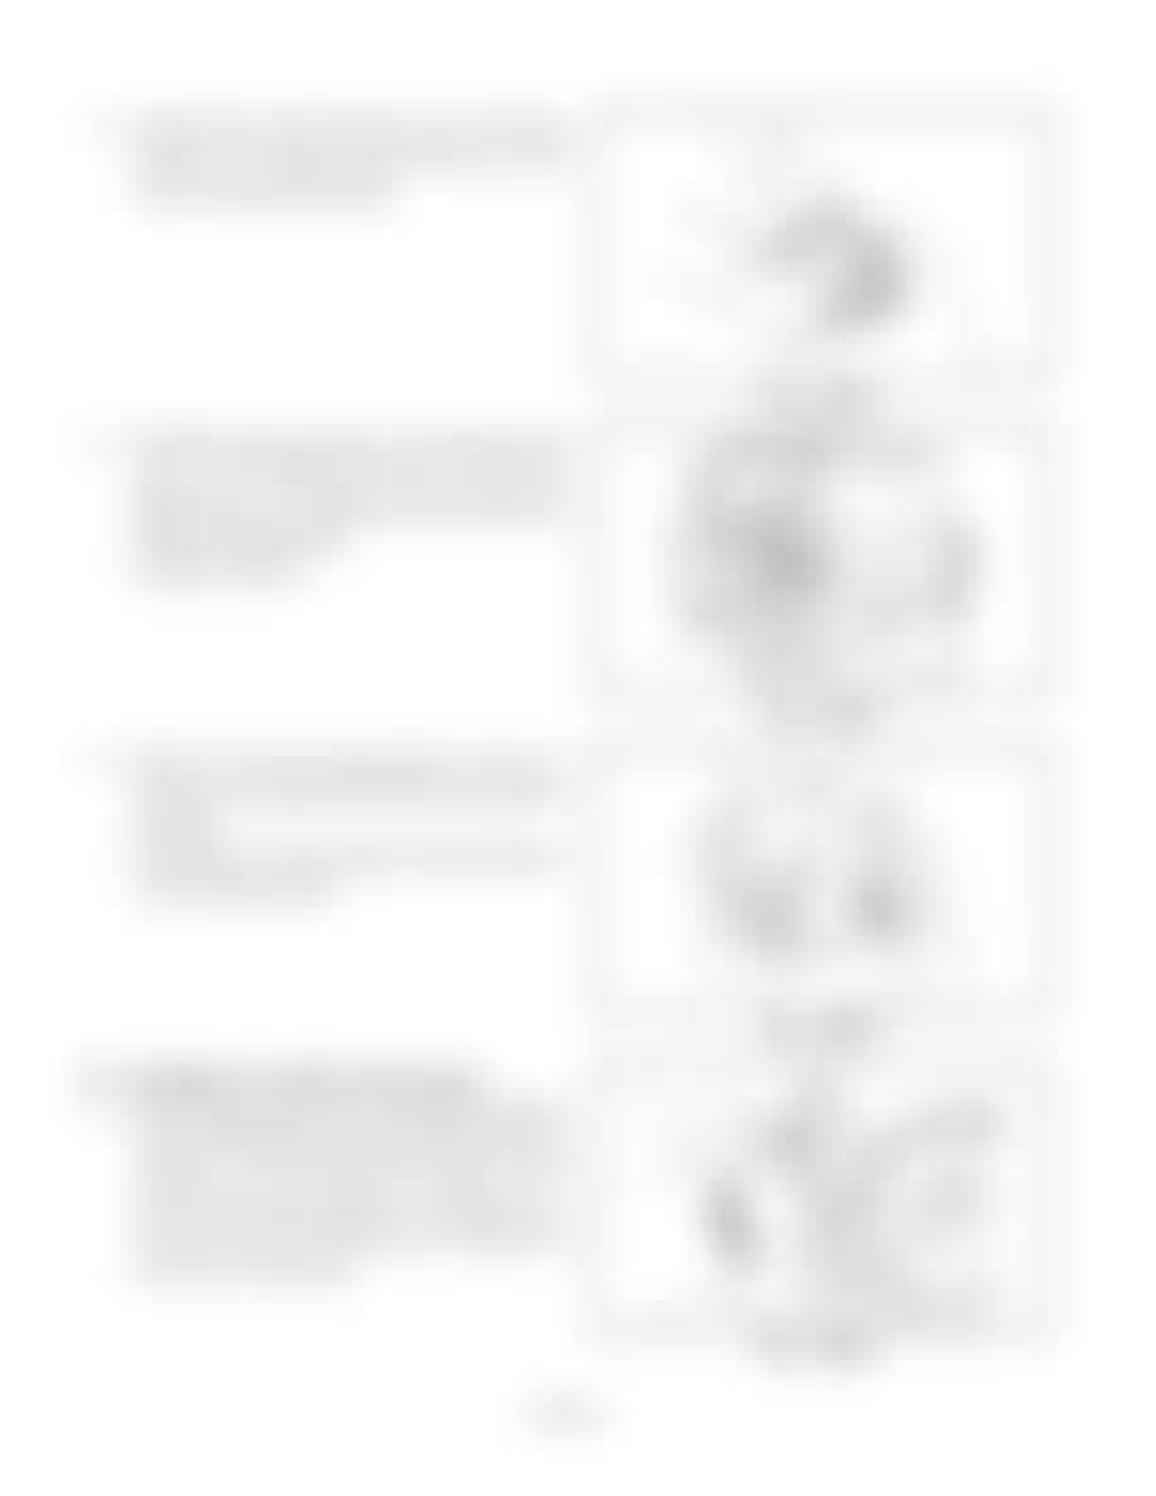 Hitachi LX110-7 LX130-7 LX160-7 LX190-7 LX230-7 Wheel Loader Workshop Manual - PDF DOWNLOAD page 204